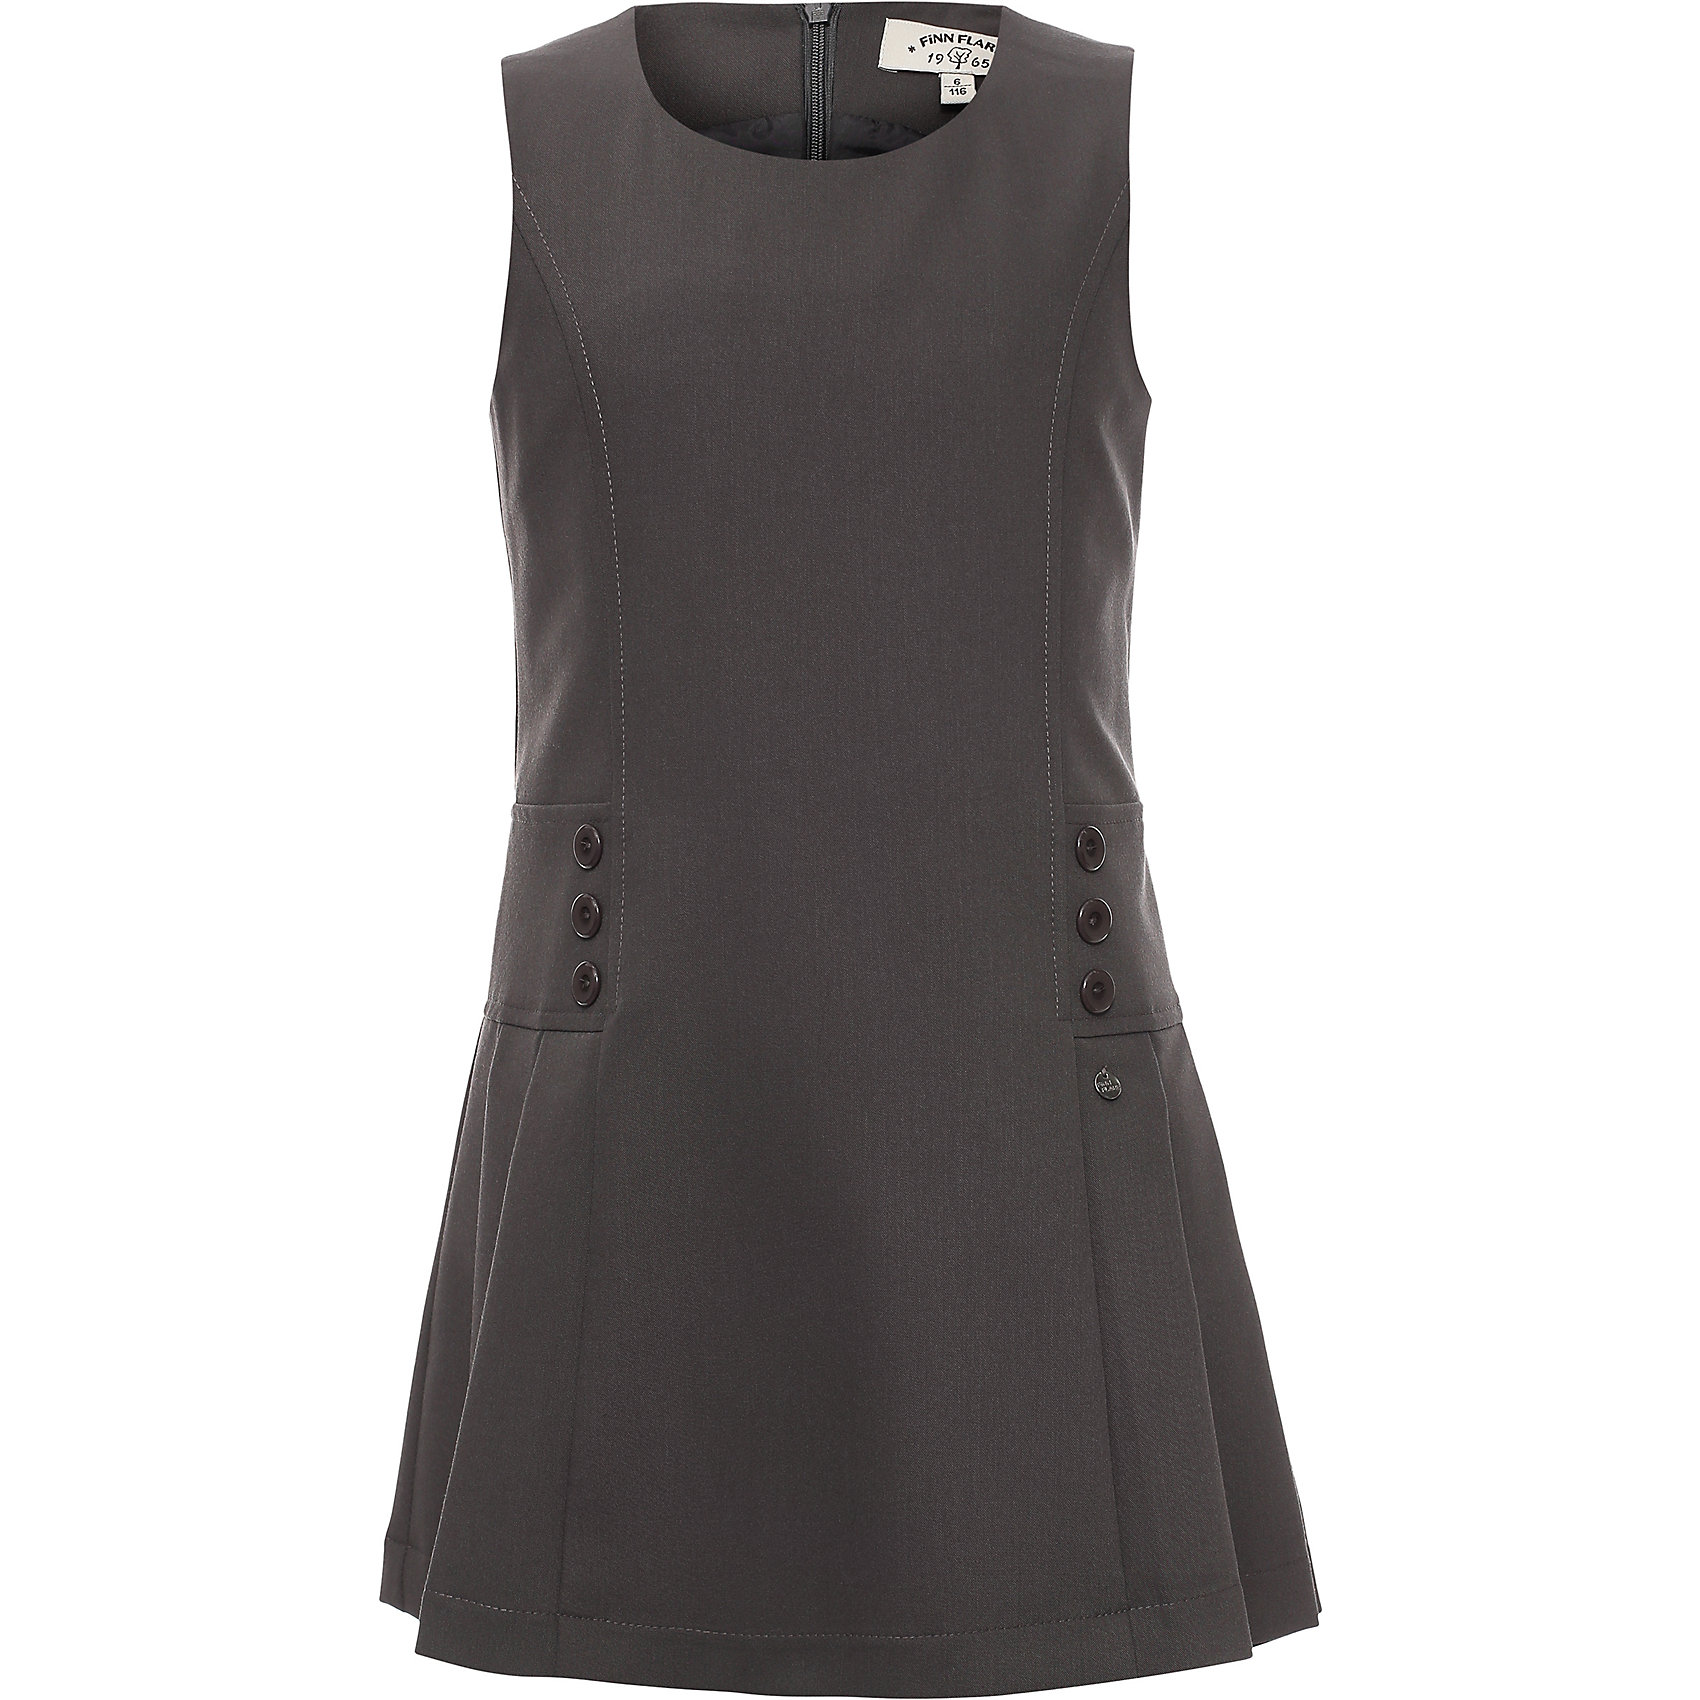 Платье для девочки Finn FlareПлатье для девочки известной марки Finn Flare.<br><br>Платье из разряда школьной формы для повседневной носки имеет приталенный силуэт, декорировано пуговицами по бокам, имеет горловину округлой формы. Сзади застегивается на молнию. Платье сочетается с блузками и джемперами.  <br><br>Фактура материала: Текстильный<br>Вид застежки: Молния<br>Длина рукава: Без рукавов<br>Тип карманов: Без карманов<br><br>Состав: 65% полиэстер, 33% вискоза, 2% эластан <br>Подкладка: 100% полиэстер<br><br>Платье для девочки Finn Flare можно купить в нашем интернет-магазине.<br><br>Ширина мм: 236<br>Глубина мм: 16<br>Высота мм: 184<br>Вес г: 177<br>Цвет: серый<br>Возраст от месяцев: 144<br>Возраст до месяцев: 156<br>Пол: Женский<br>Возраст: Детский<br>Размер: 158,116,152,146,140,134,128,122<br>SKU: 4890221